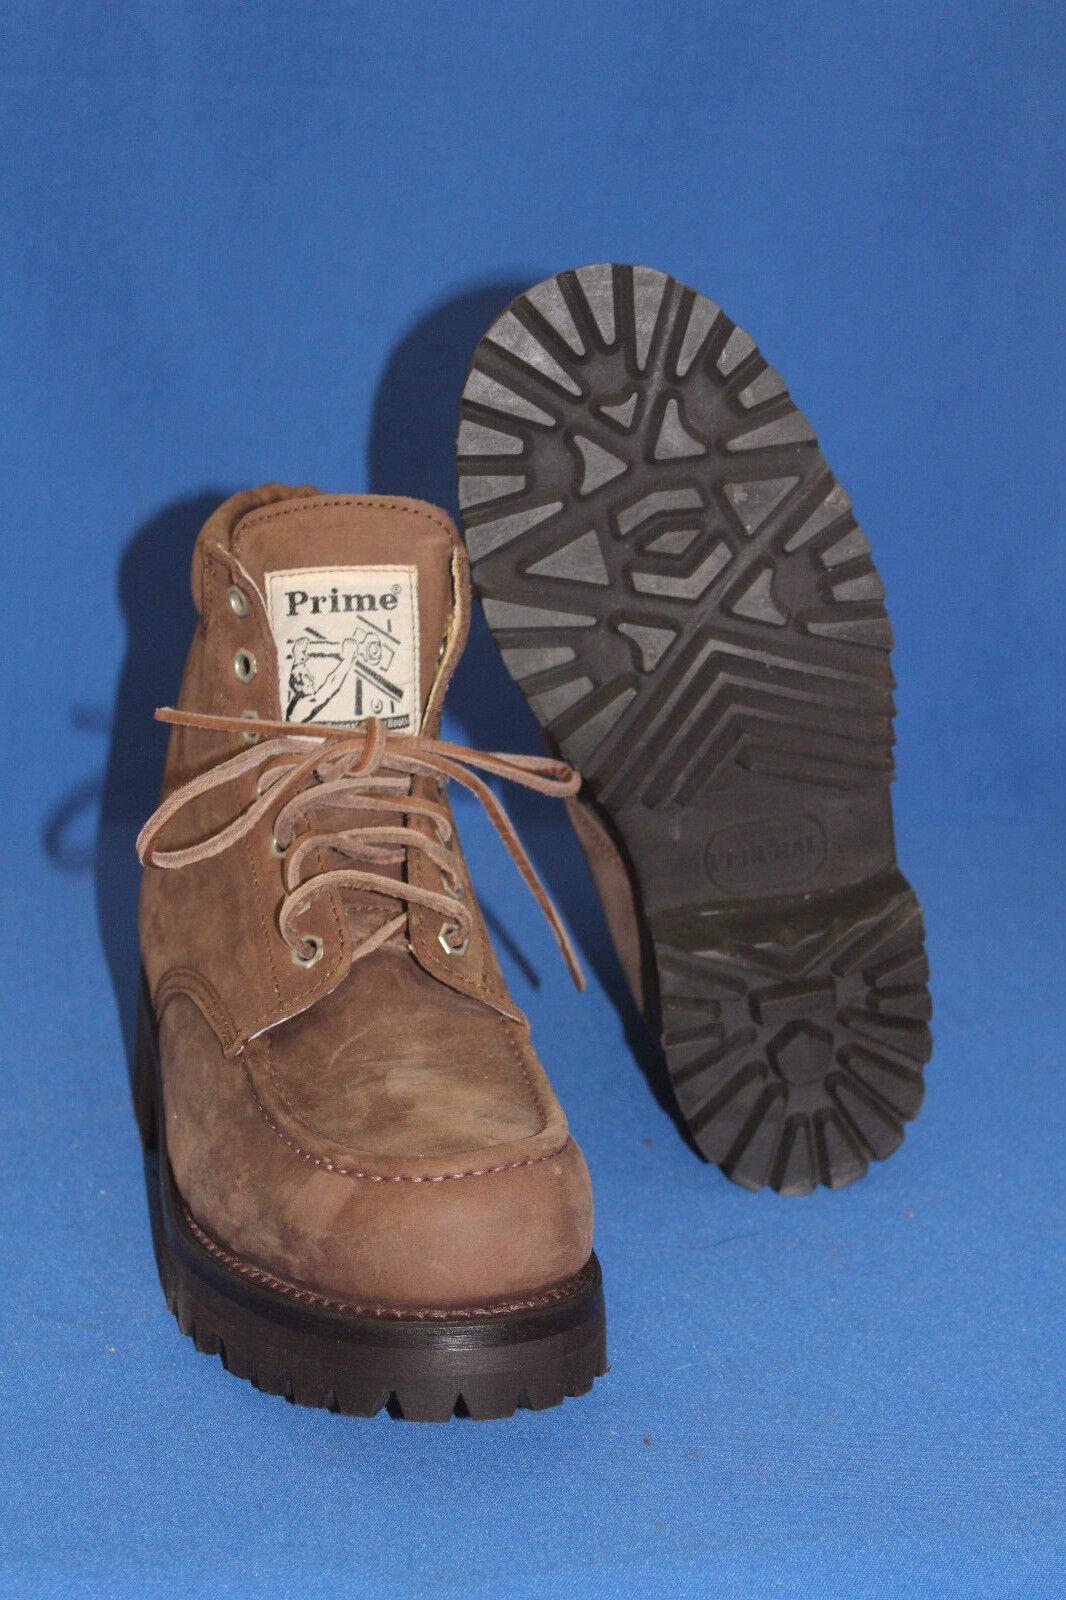 Prime Stiefel  logger  worker stiefel  Stiefel outdoor Stiefel  gr. 40  leder 16912d